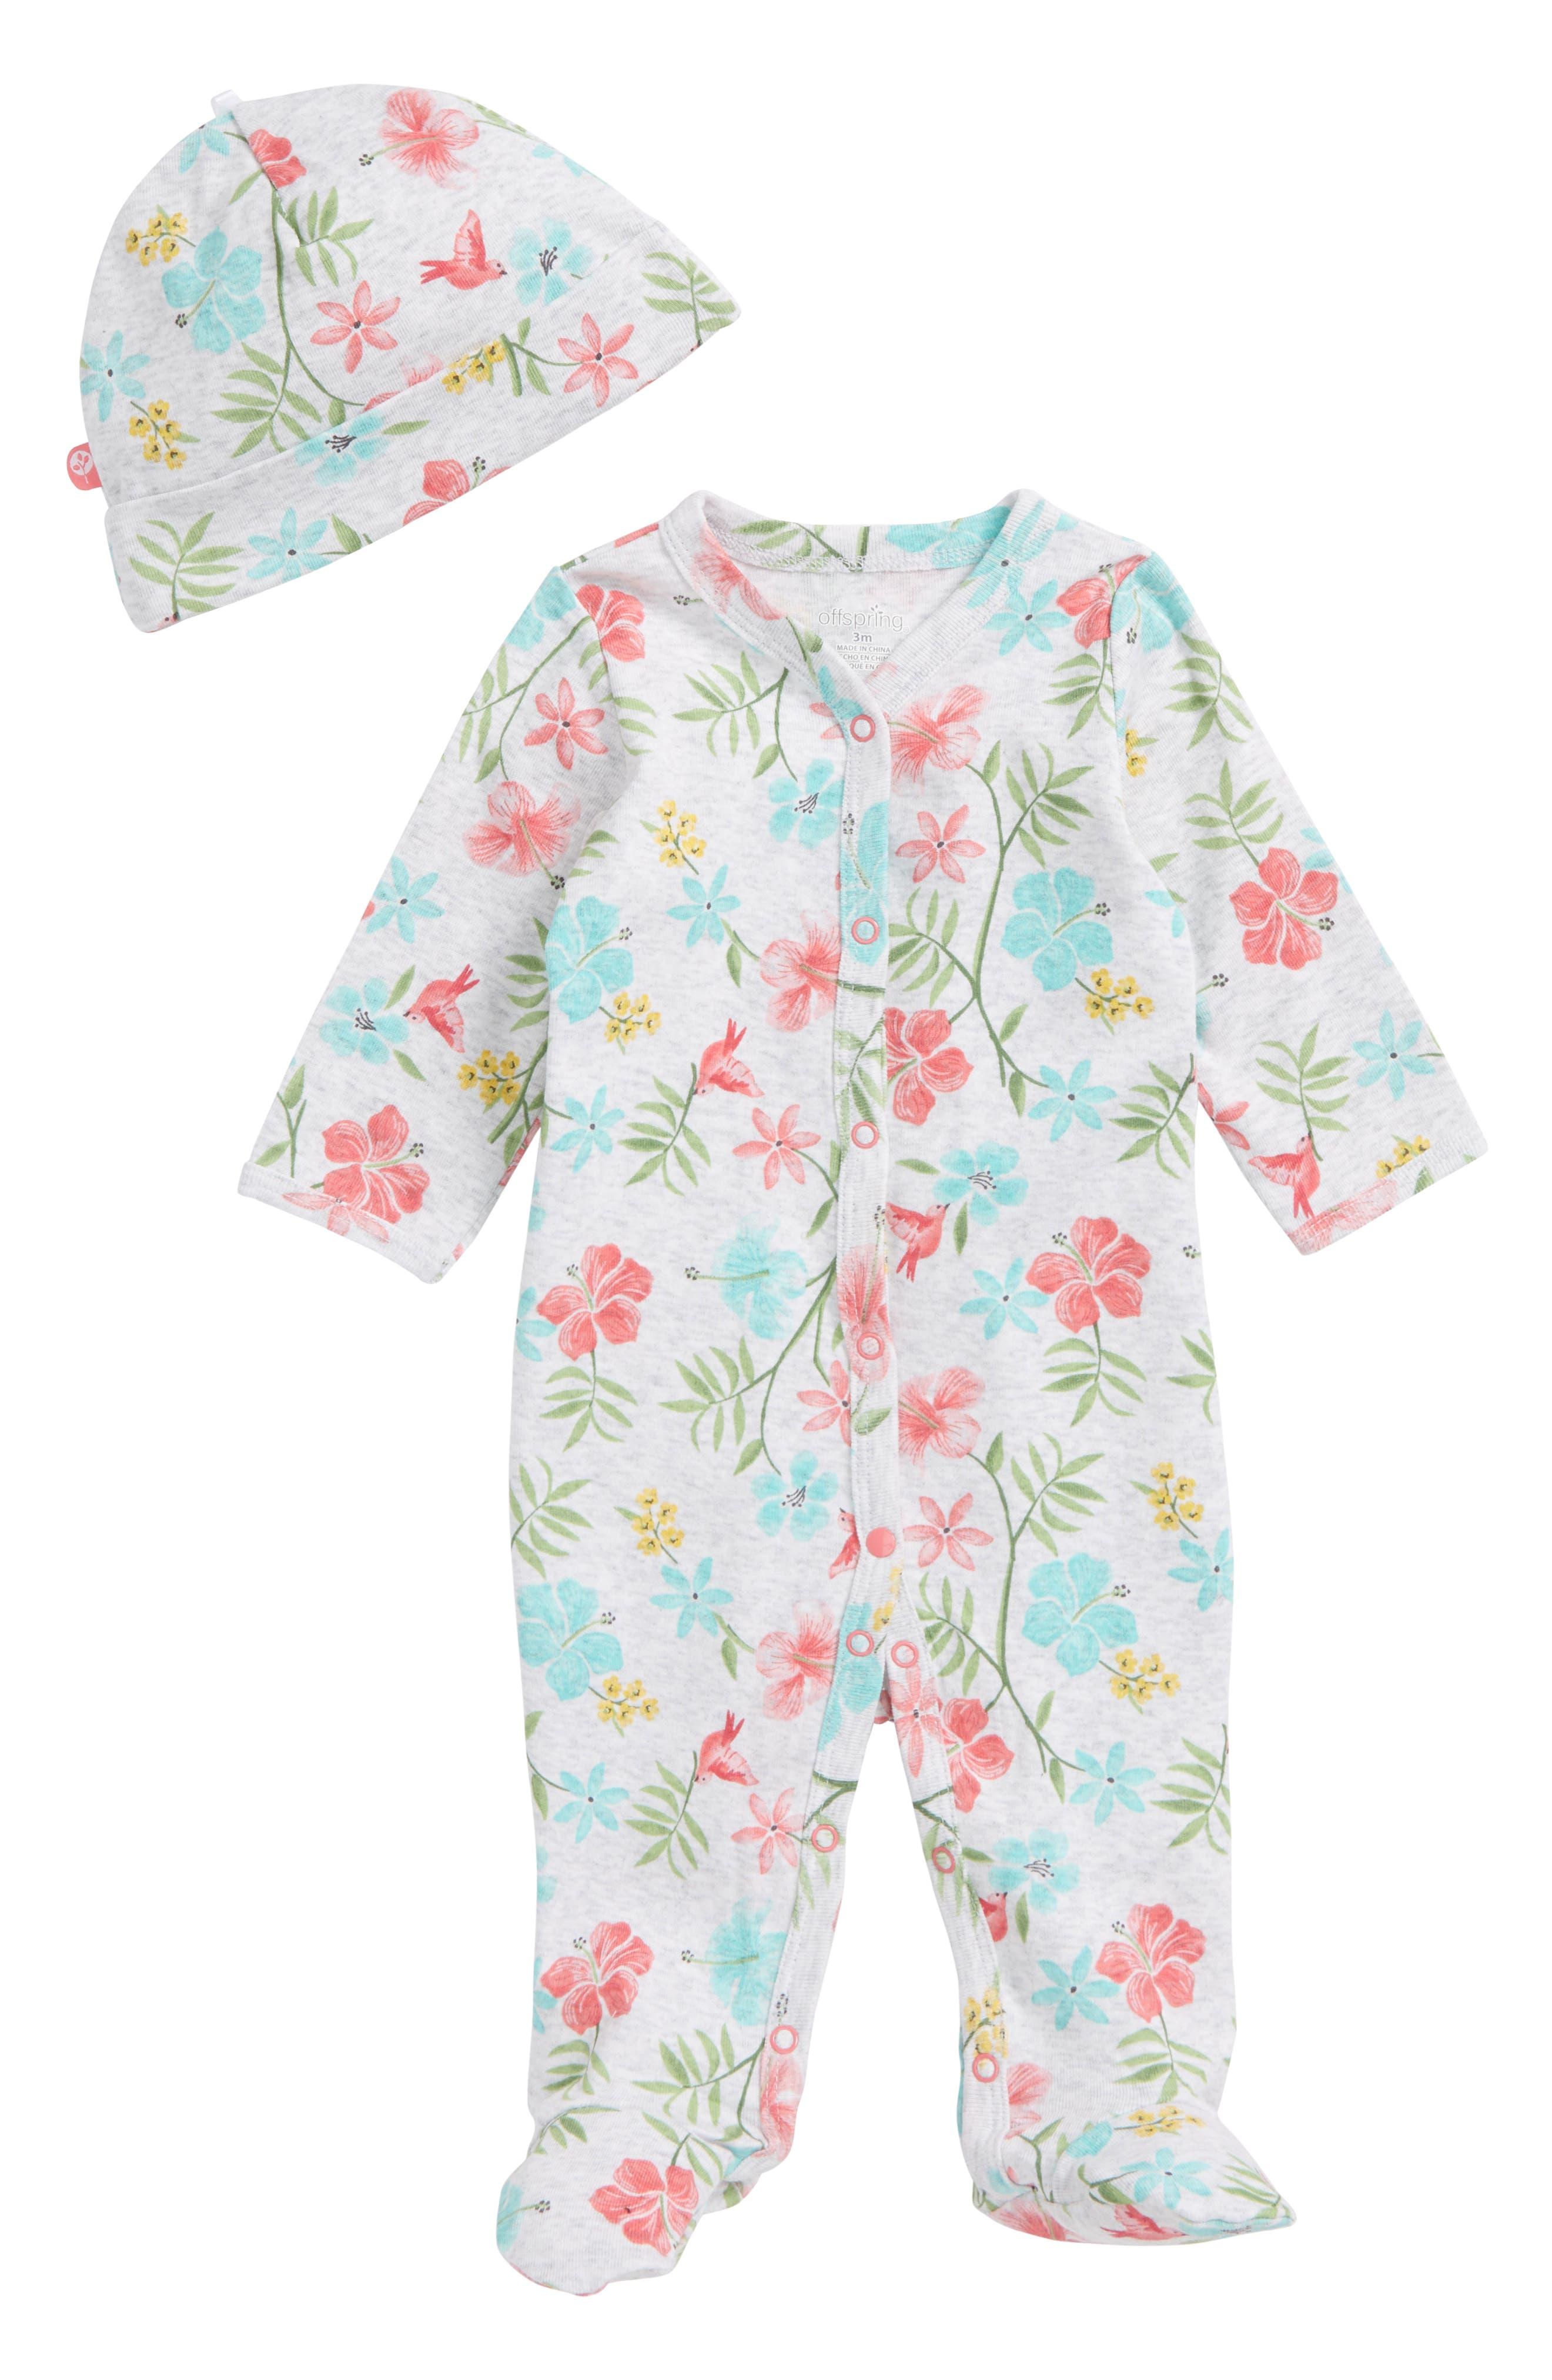 Tropical Floral Footie & Hat Set,                         Main,                         color, Floral